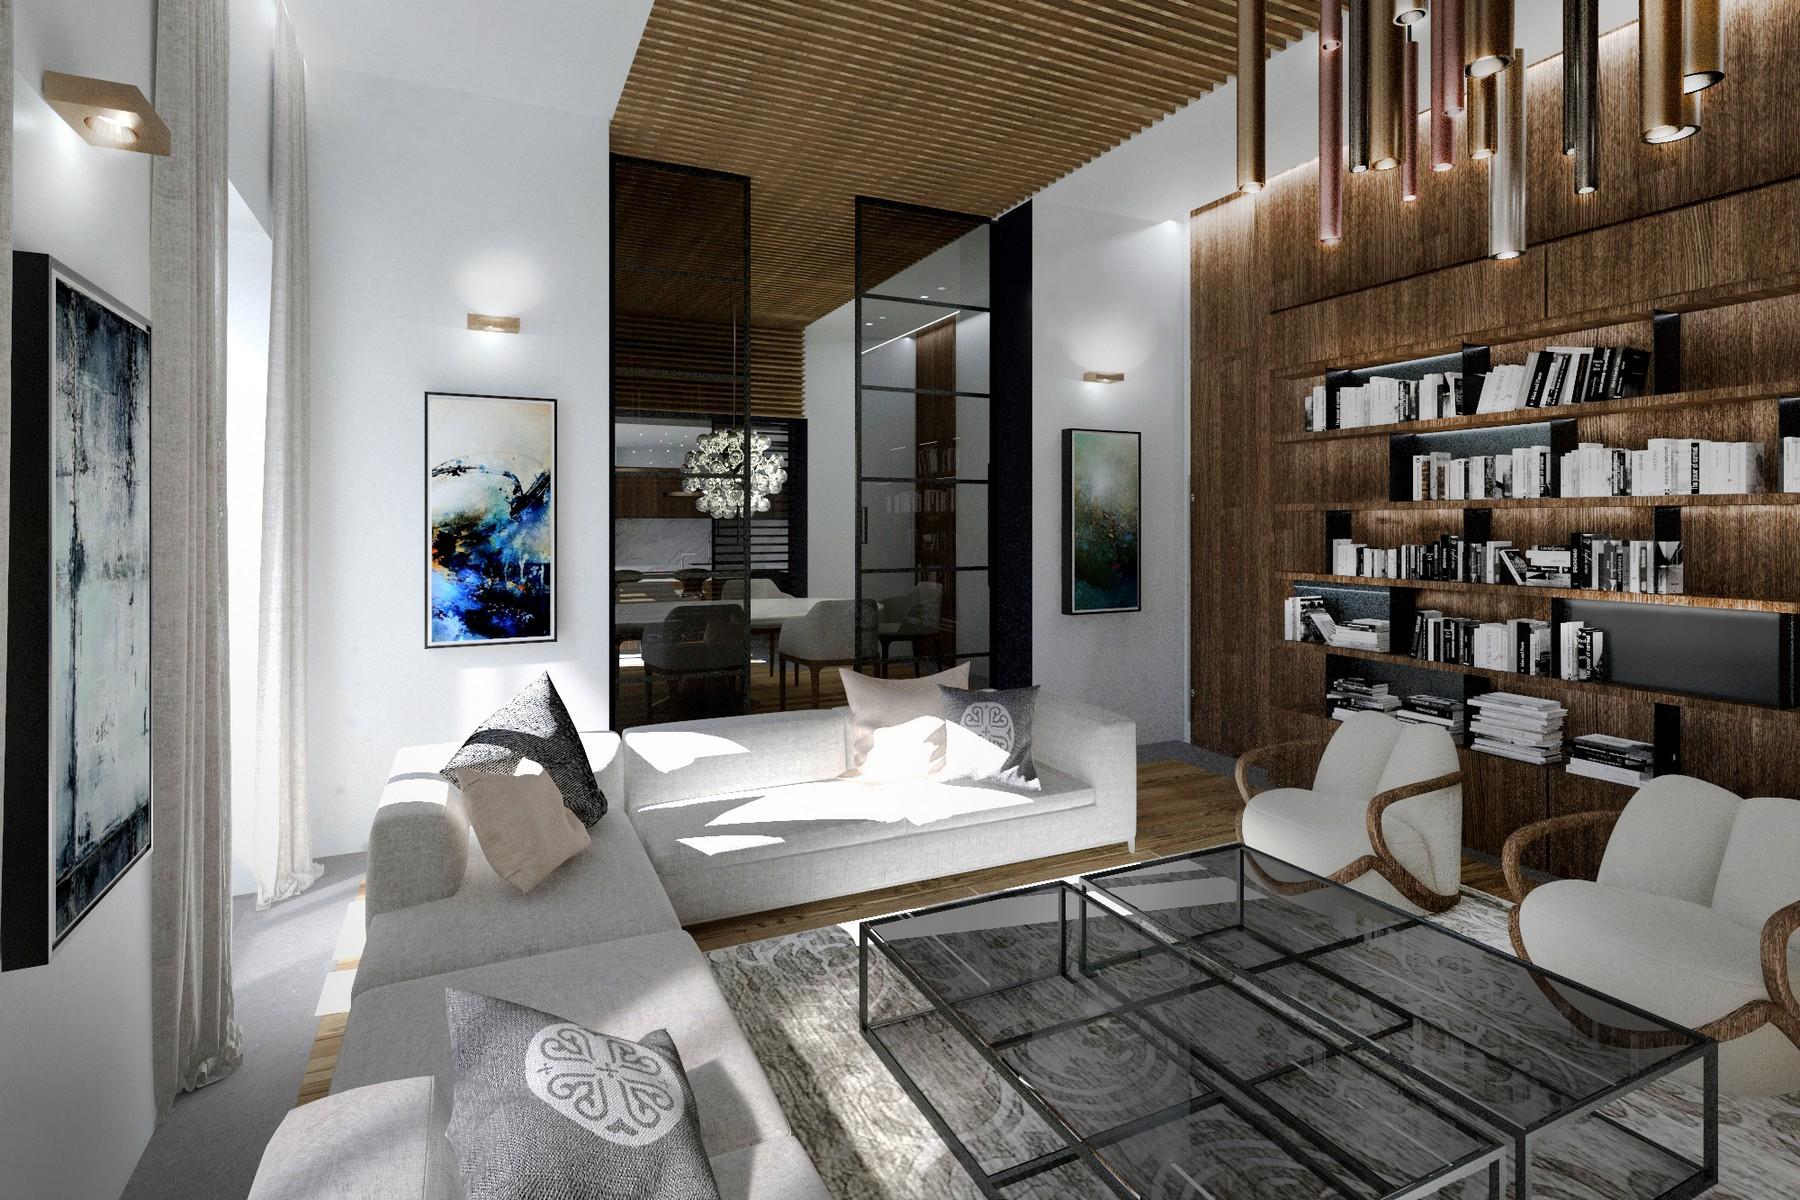 Appartamenti di lusso a firenze trovocasa pregio for Interni di appartamenti